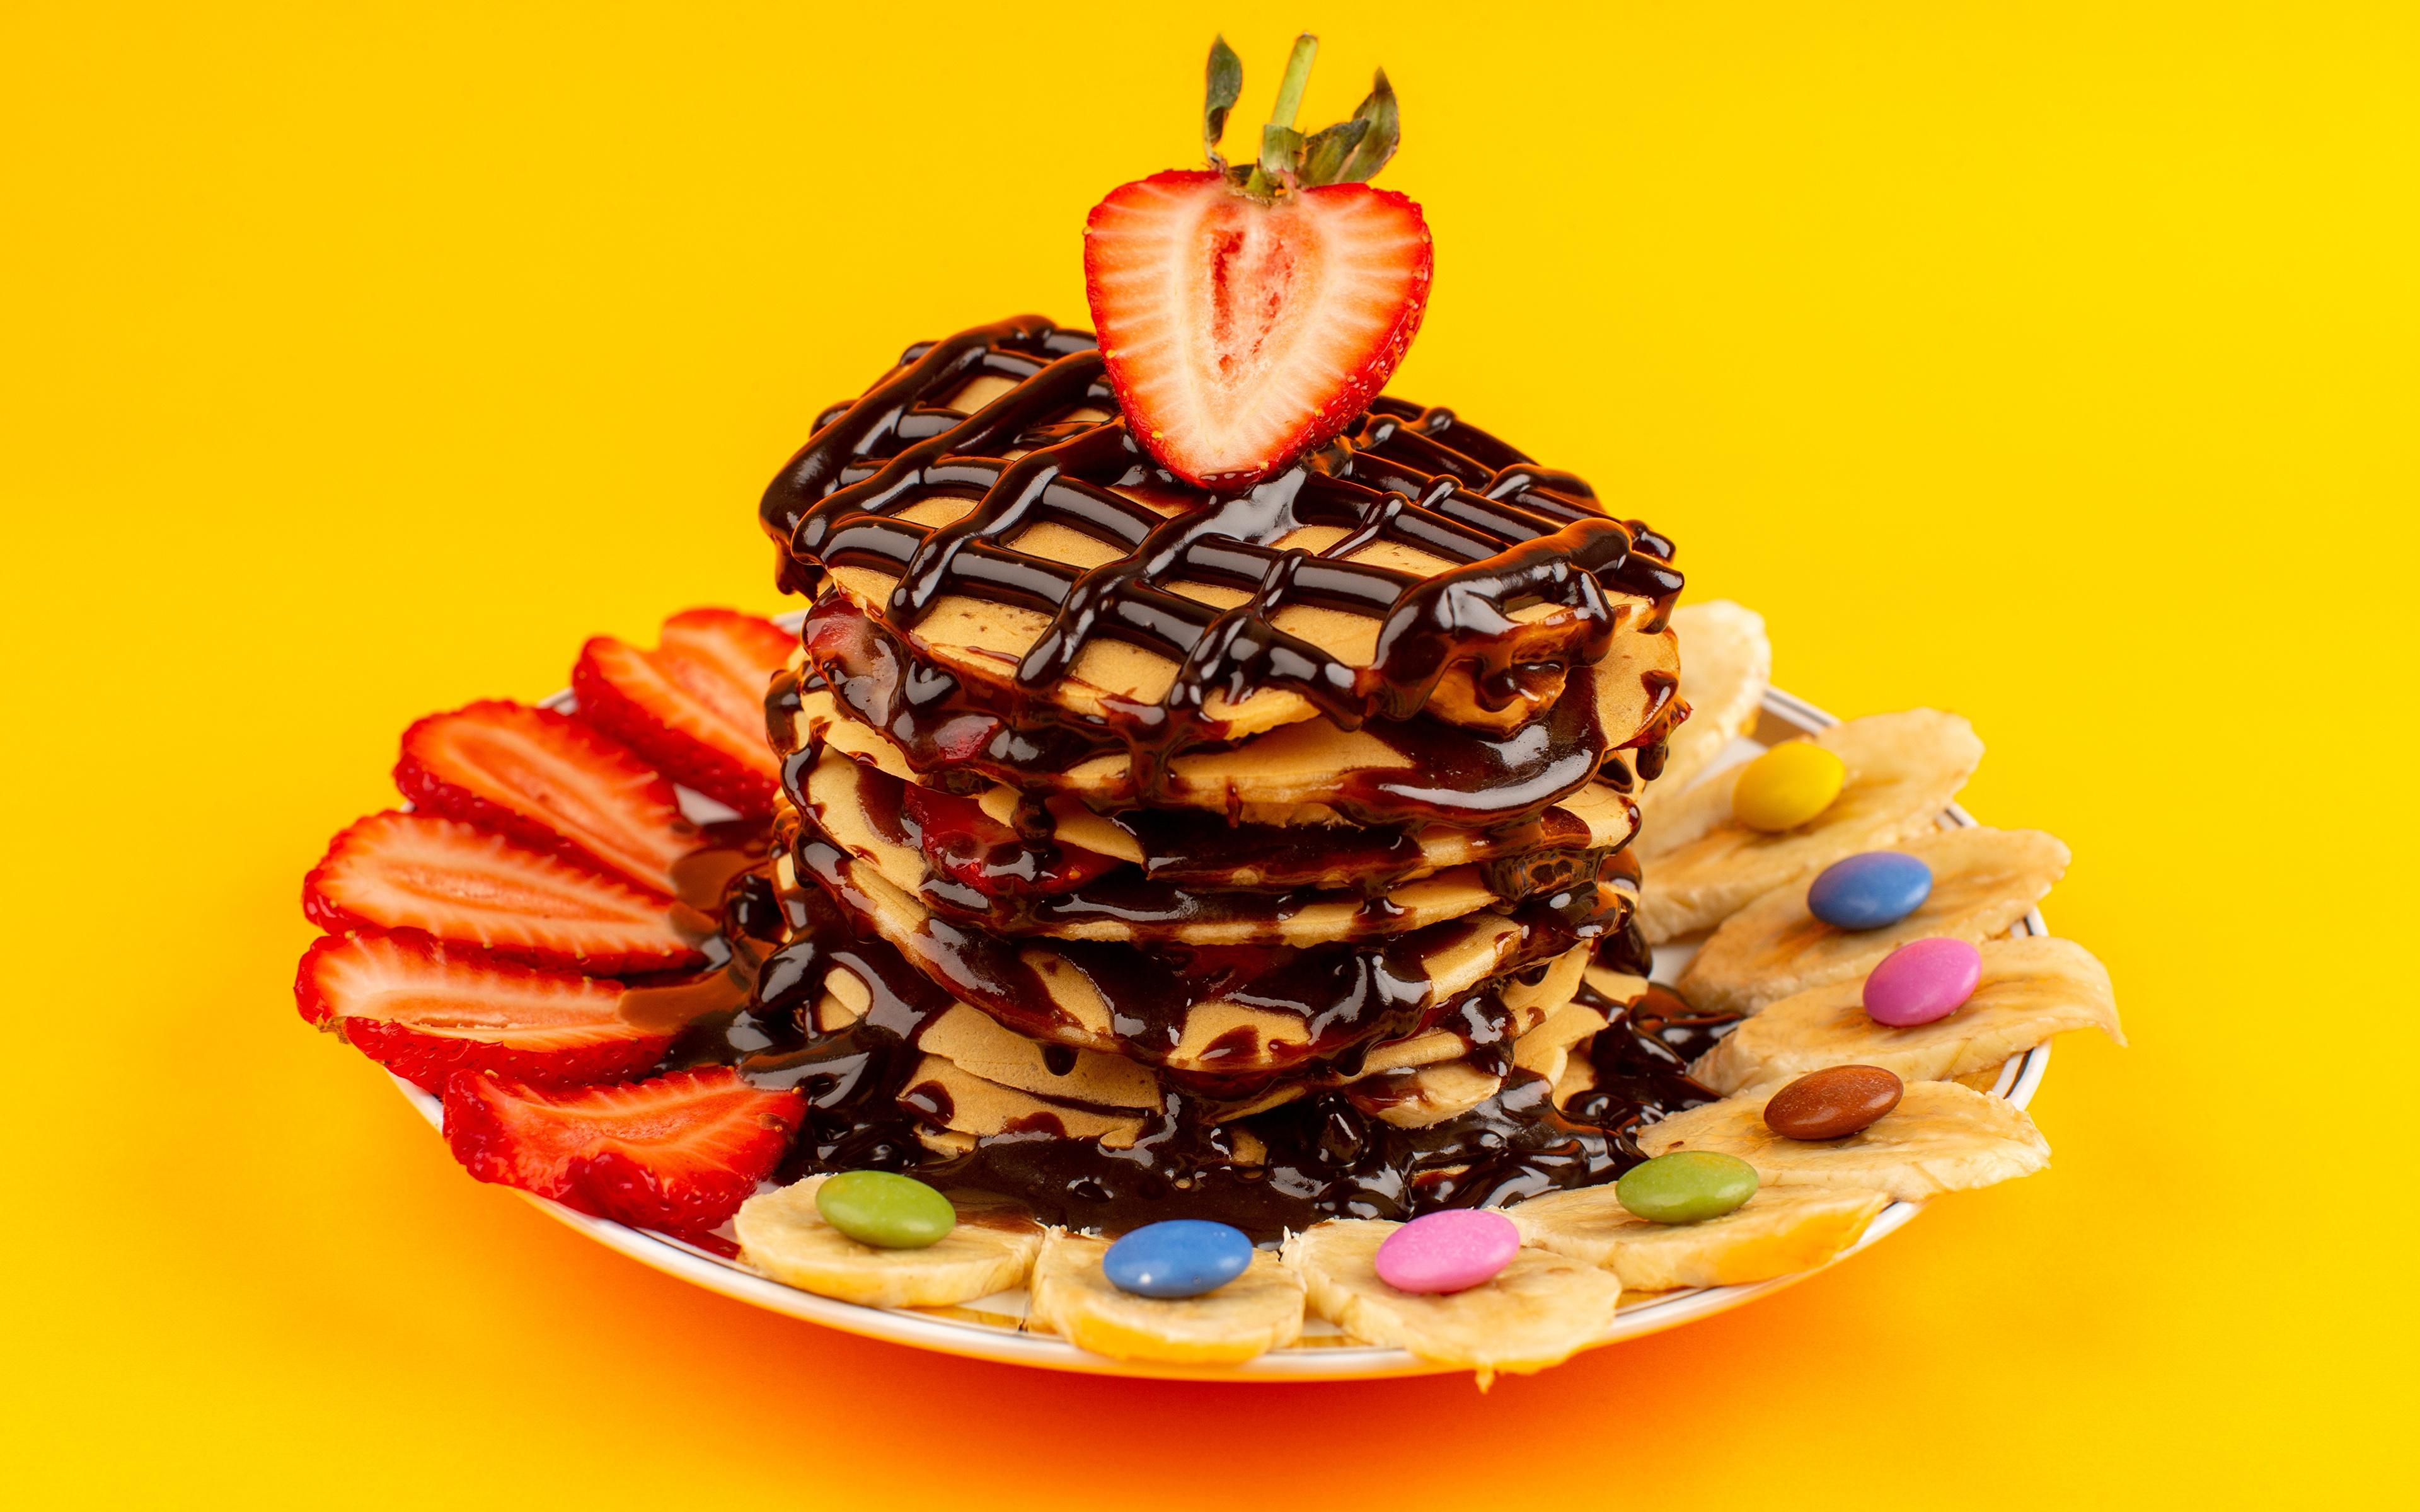 Фотография Драже Шоколад Блины Бананы Клубника Тарелка Продукты питания Цветной фон 3840x2400 Еда Пища тарелке